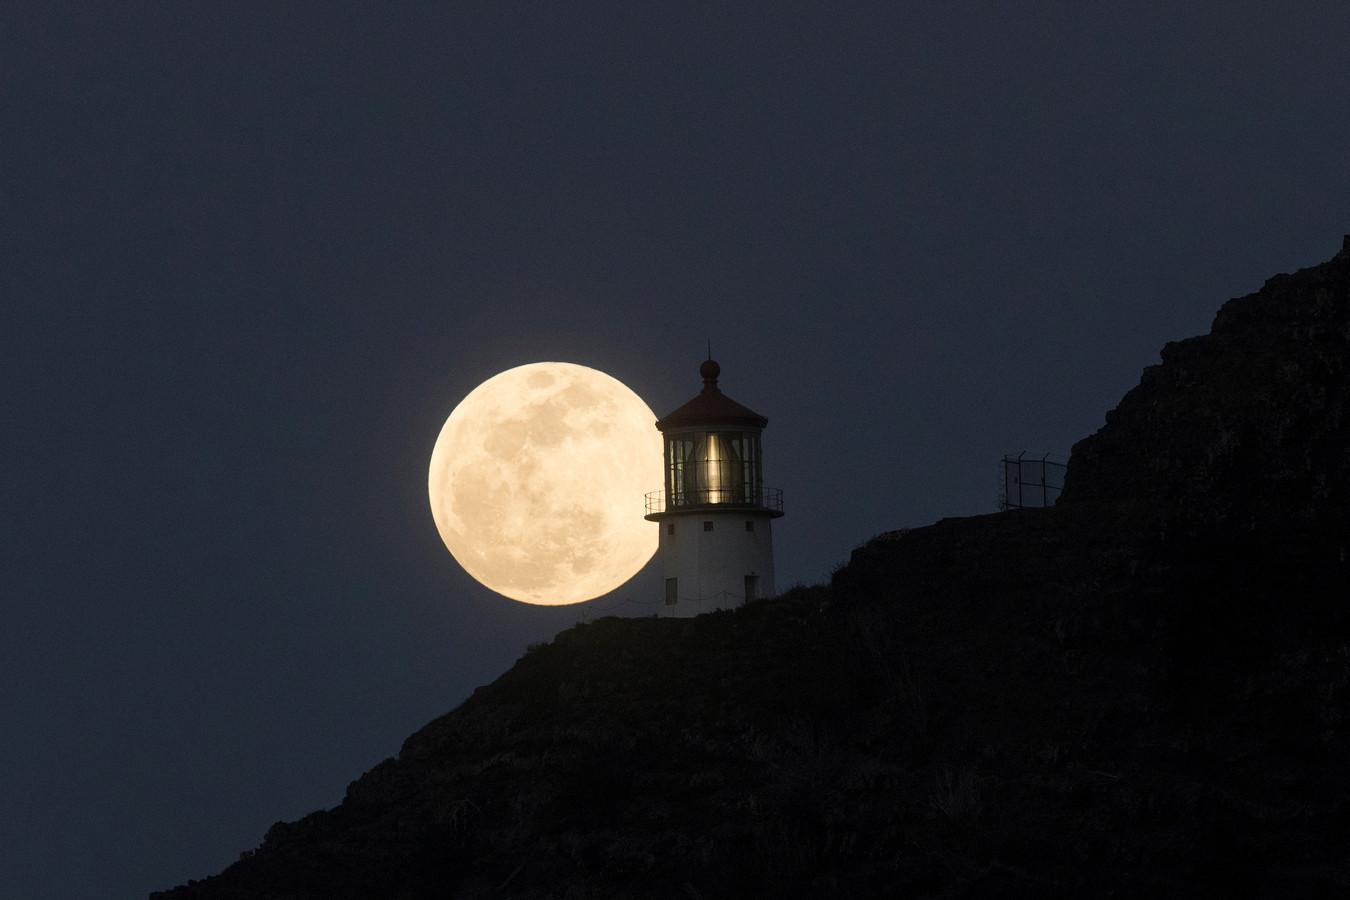 Mercure rétrograde dans quelques jours, c'est la super lune et il y a en plus une éclipse lunaire au programme.